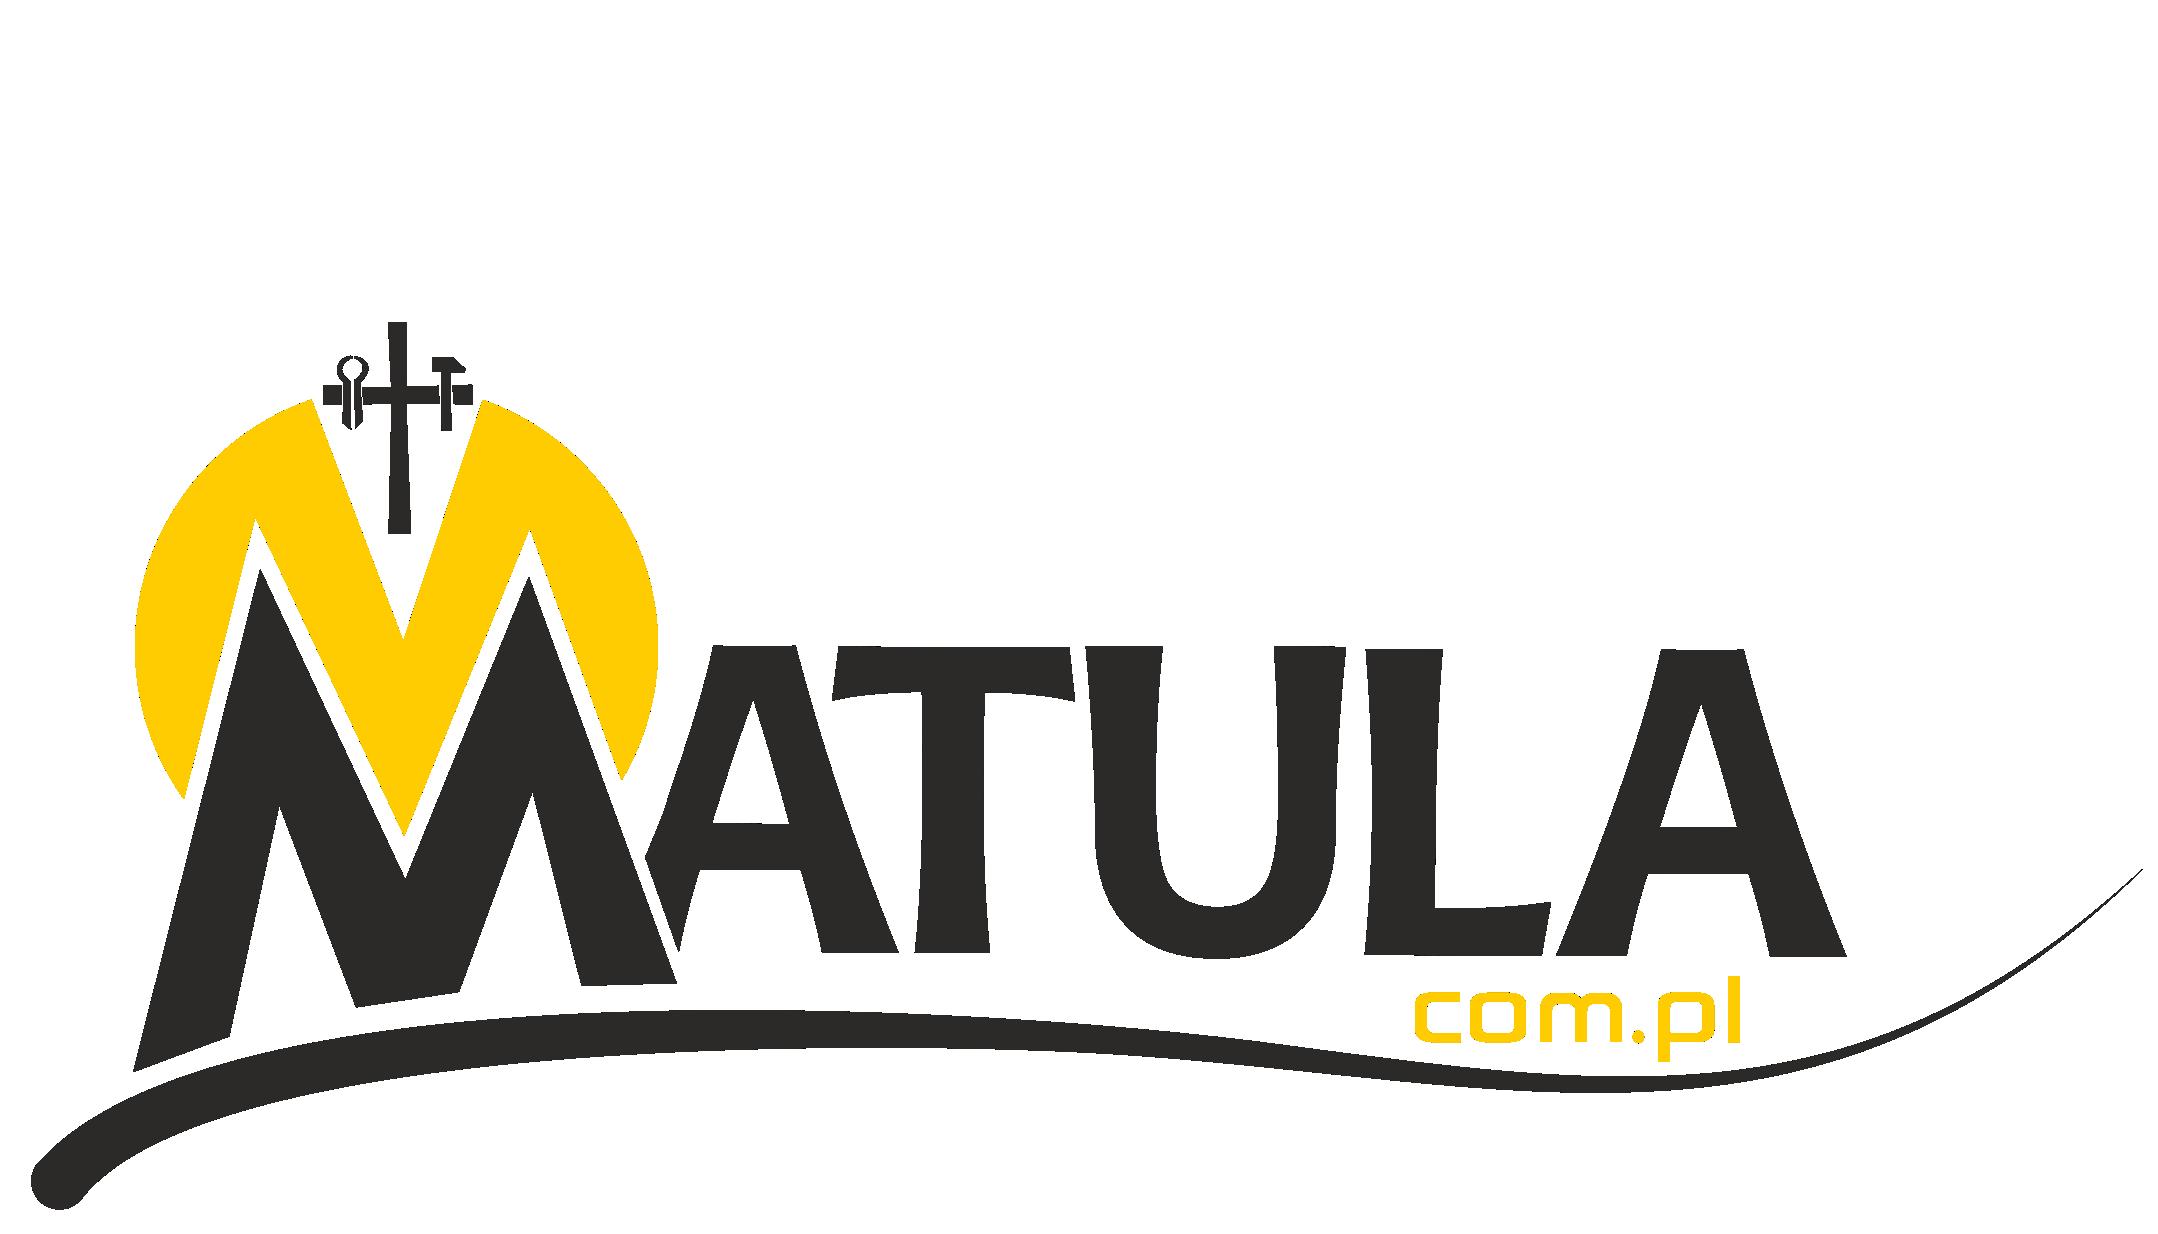 www.matula.com.pl